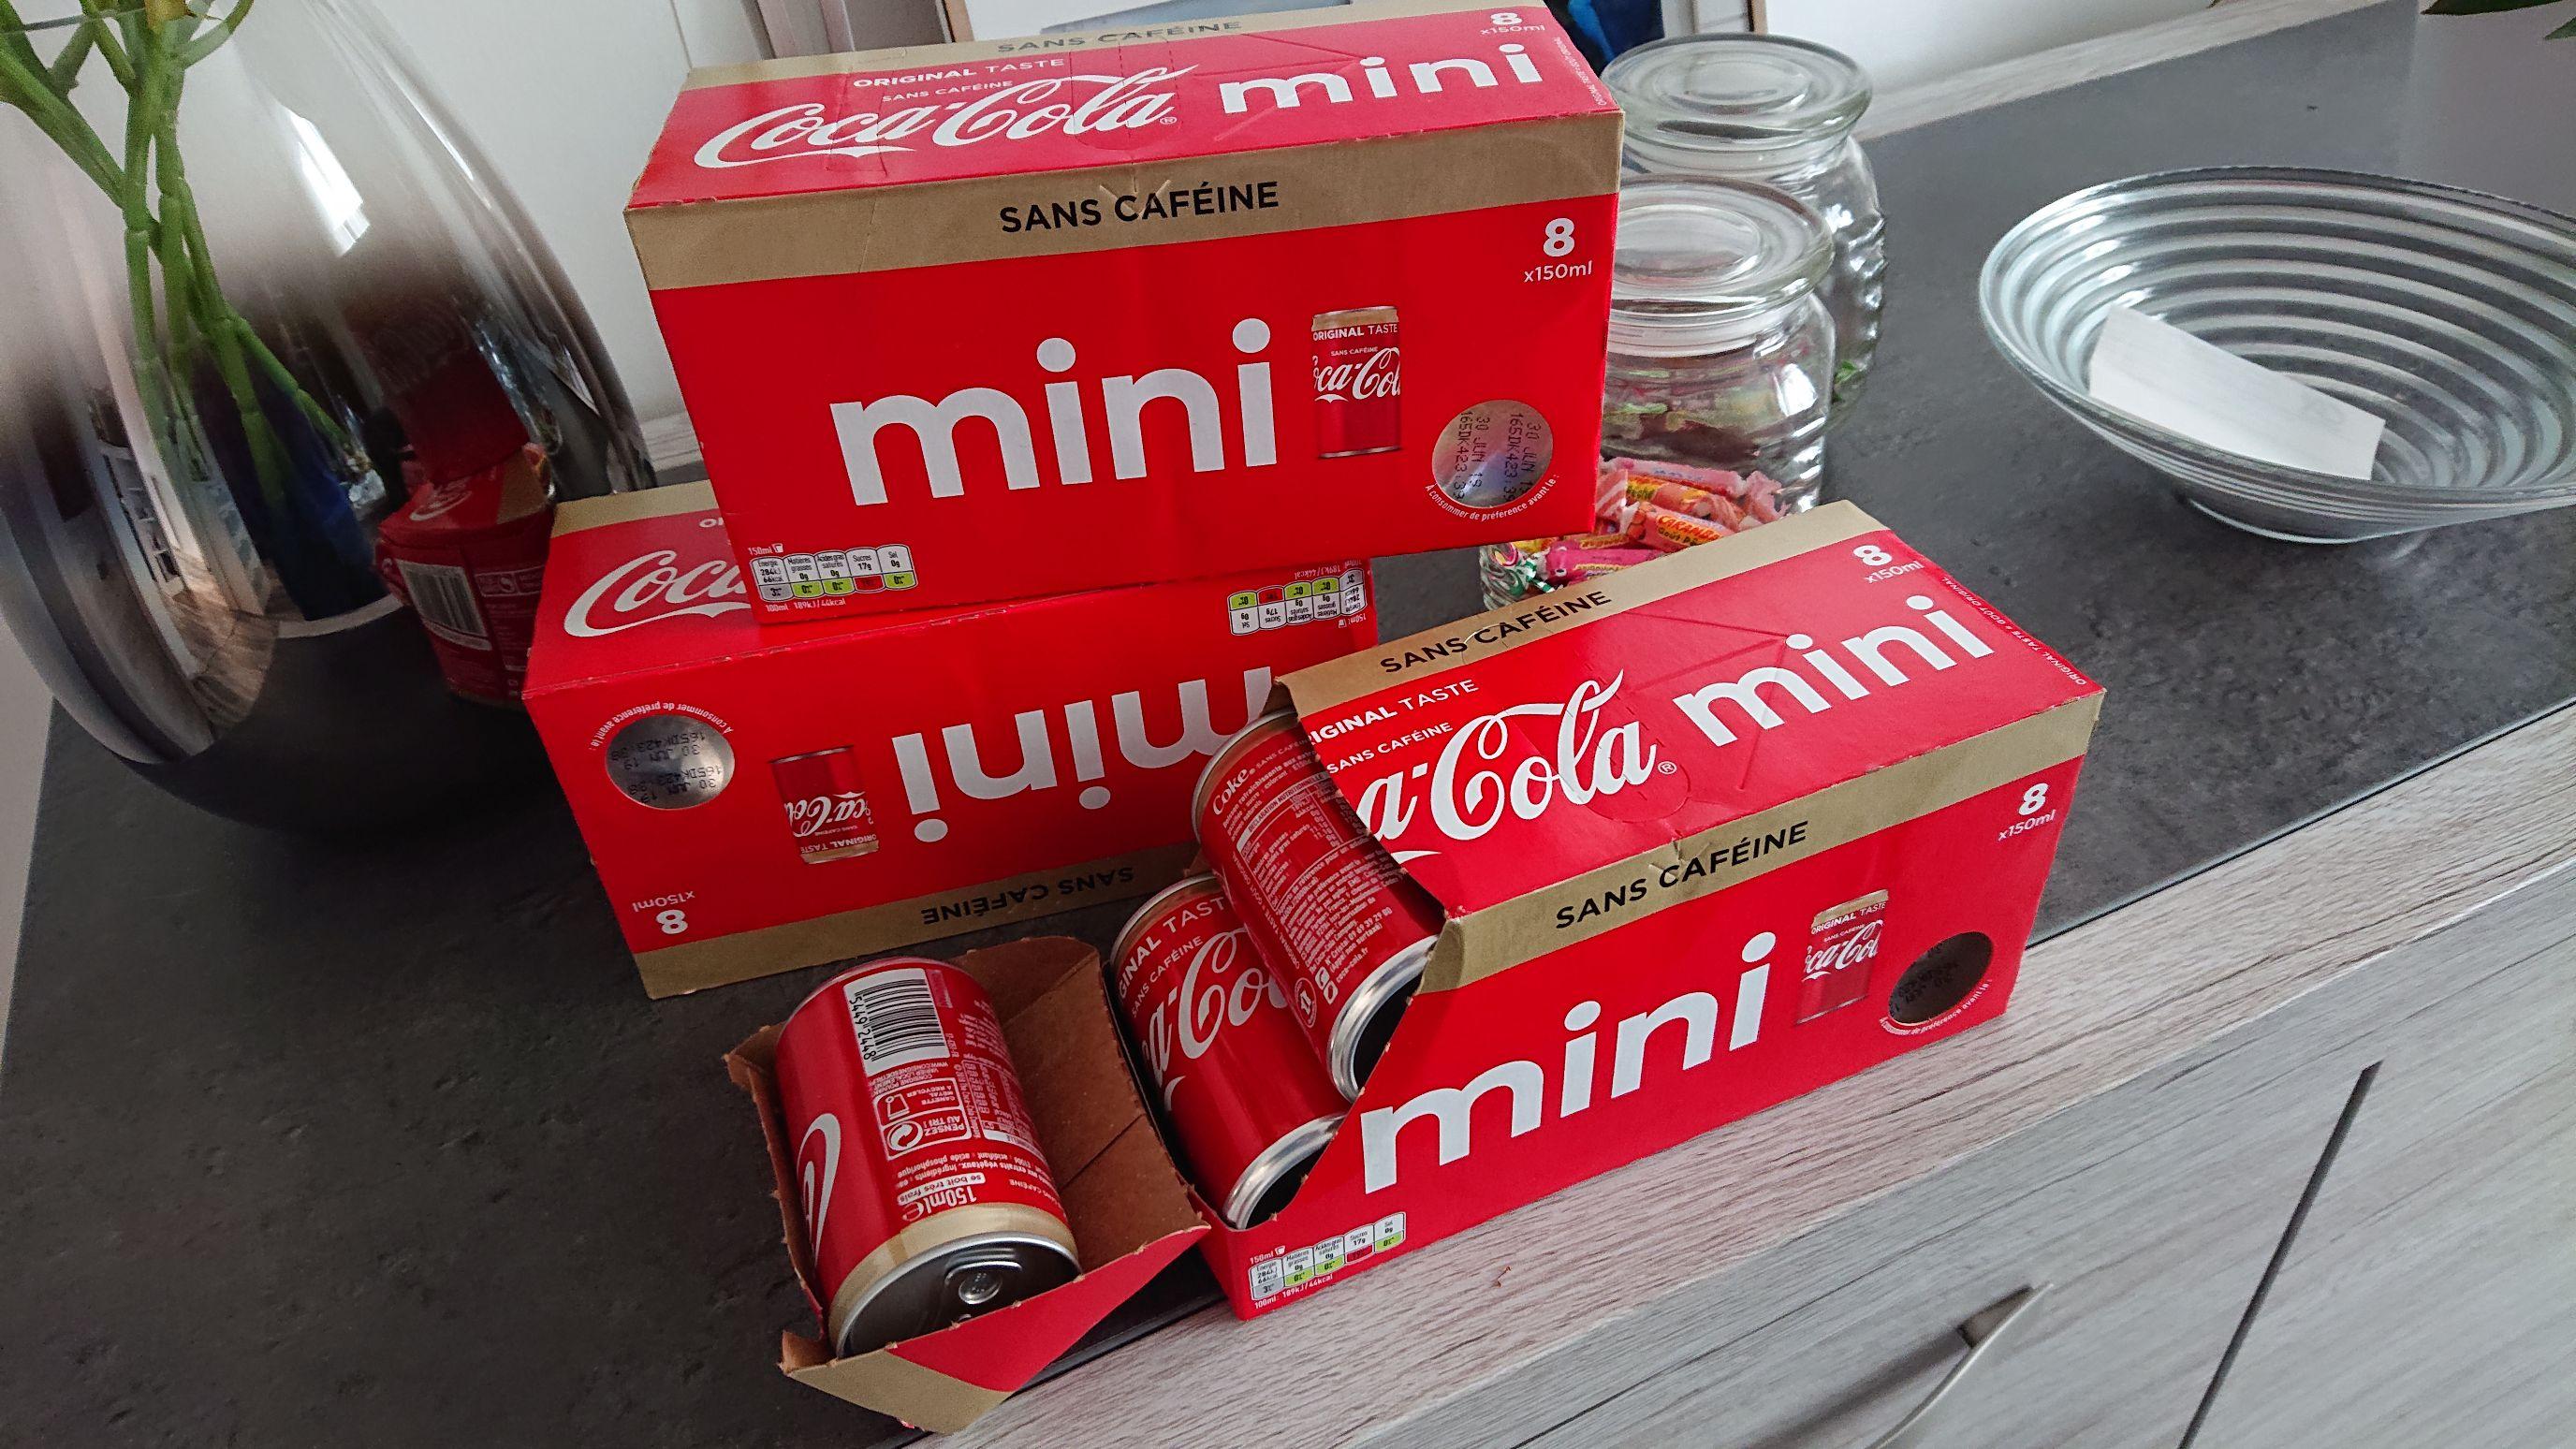 3 Packs de Canettes Coca-Cola Mini sans caféine - 3x8 (Saint-Quentin 02)